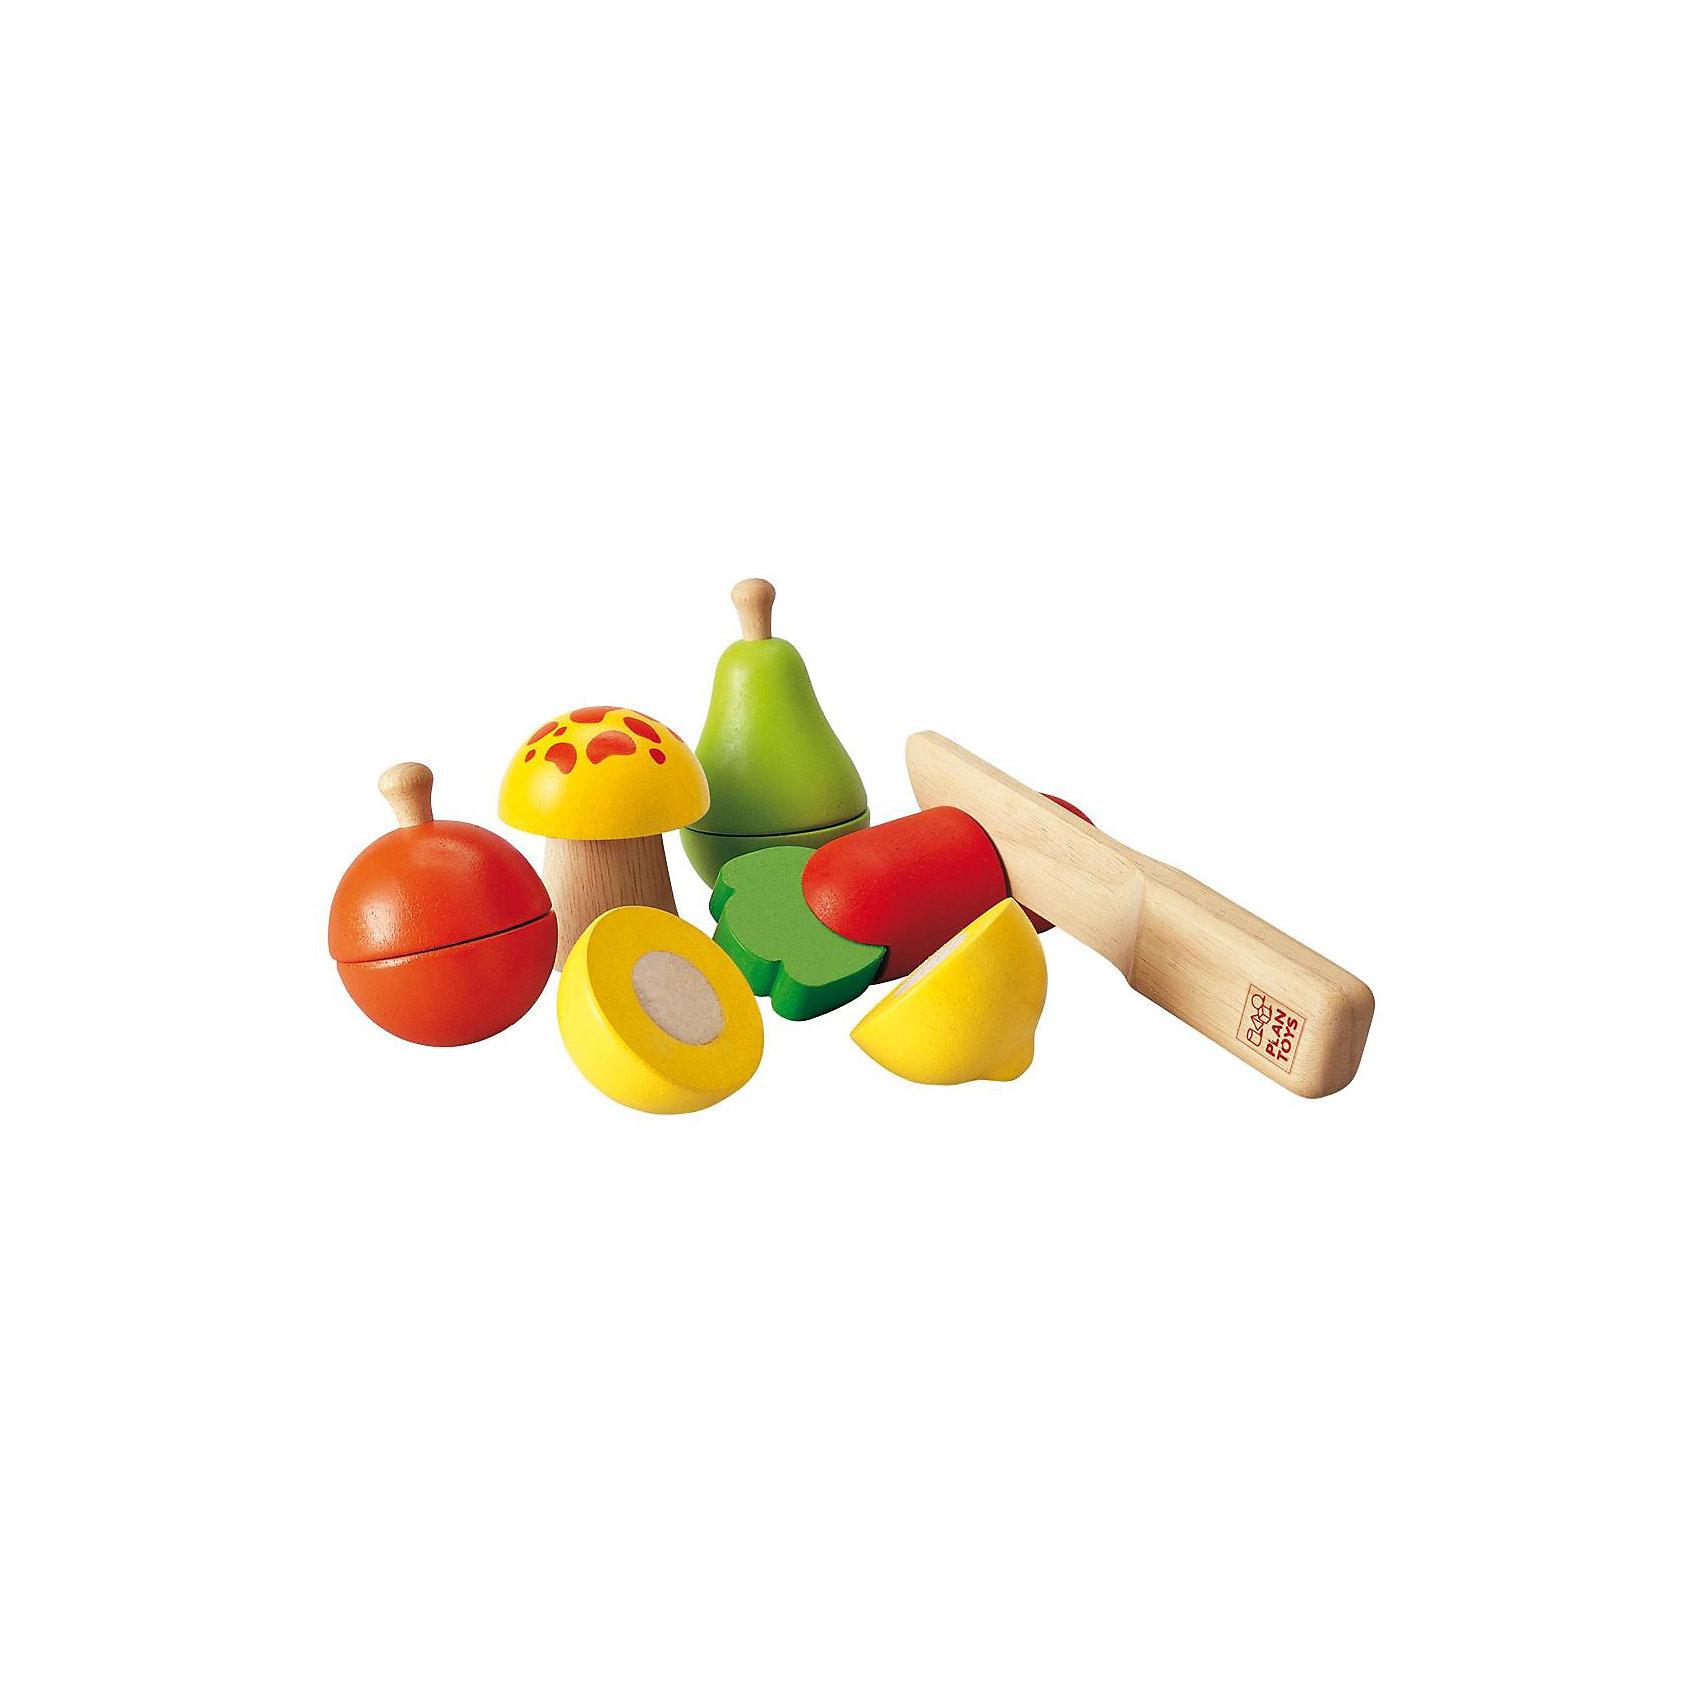 PLAN TOYS 5337 Набор фруктов и овощейМорковку, гриб и яблоко, грушу и лимон можно совершенно безопасно резать деревянным ножом. На разрезе реалистично показана середина плода. Половинки соединены между собой липучкой.<br><br>Дополнительная информация:<br><br>- В комплекте: 11 элементов (Яблоко, лимон, гриб, груша, морковь (каждый элемент можно разрезать на 2 половинки), нож<br>- Размер ножа: 16 x 2 x 3 см<br>- Средний размер фигурок: 10 х 13 см (длина и обхват)<br>- Материал: каучуковое дерево, соевые краски.<br><br>PLAN TOYS 5337 Набор фруктов и овощей можно купить в нашем магазине.<br><br>Ширина мм: 189<br>Глубина мм: 195<br>Высота мм: 83<br>Вес г: 488<br>Возраст от месяцев: 36<br>Возраст до месяцев: 60<br>Пол: Унисекс<br>Возраст: Детский<br>SKU: 1861050